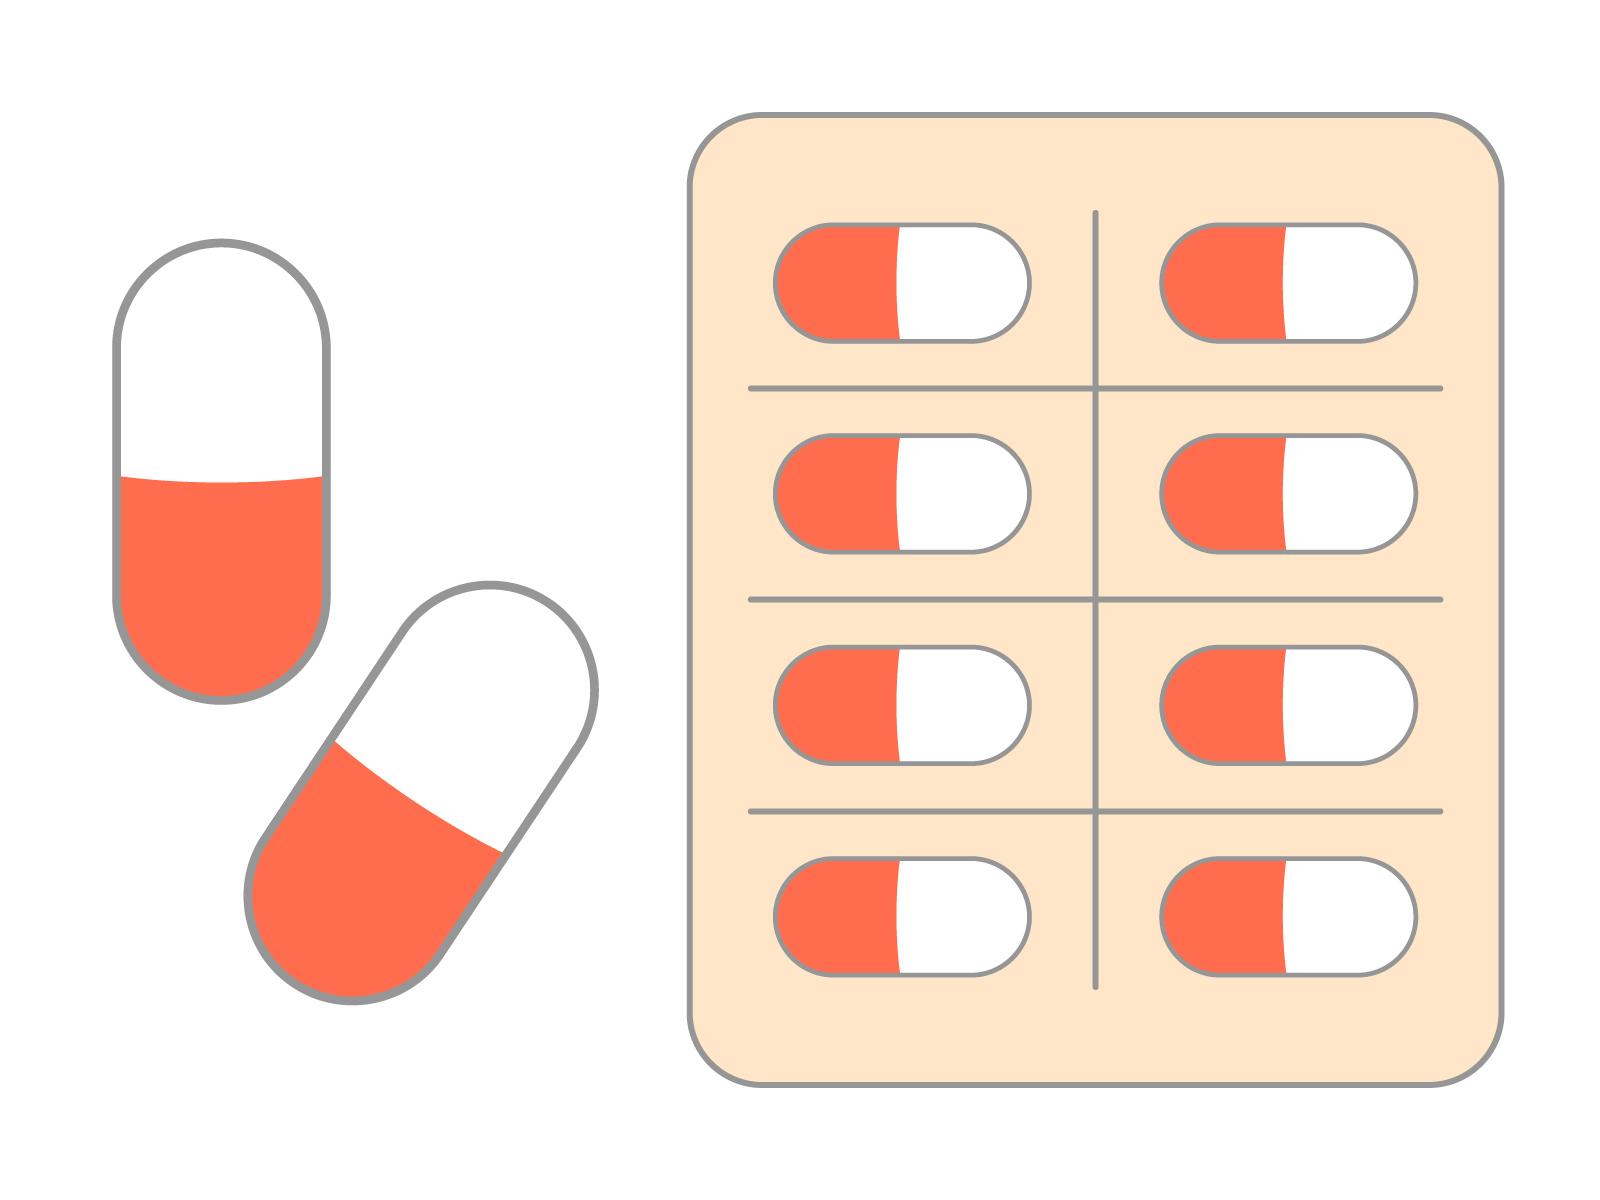 痛風のときは利尿薬を使っても大丈夫?